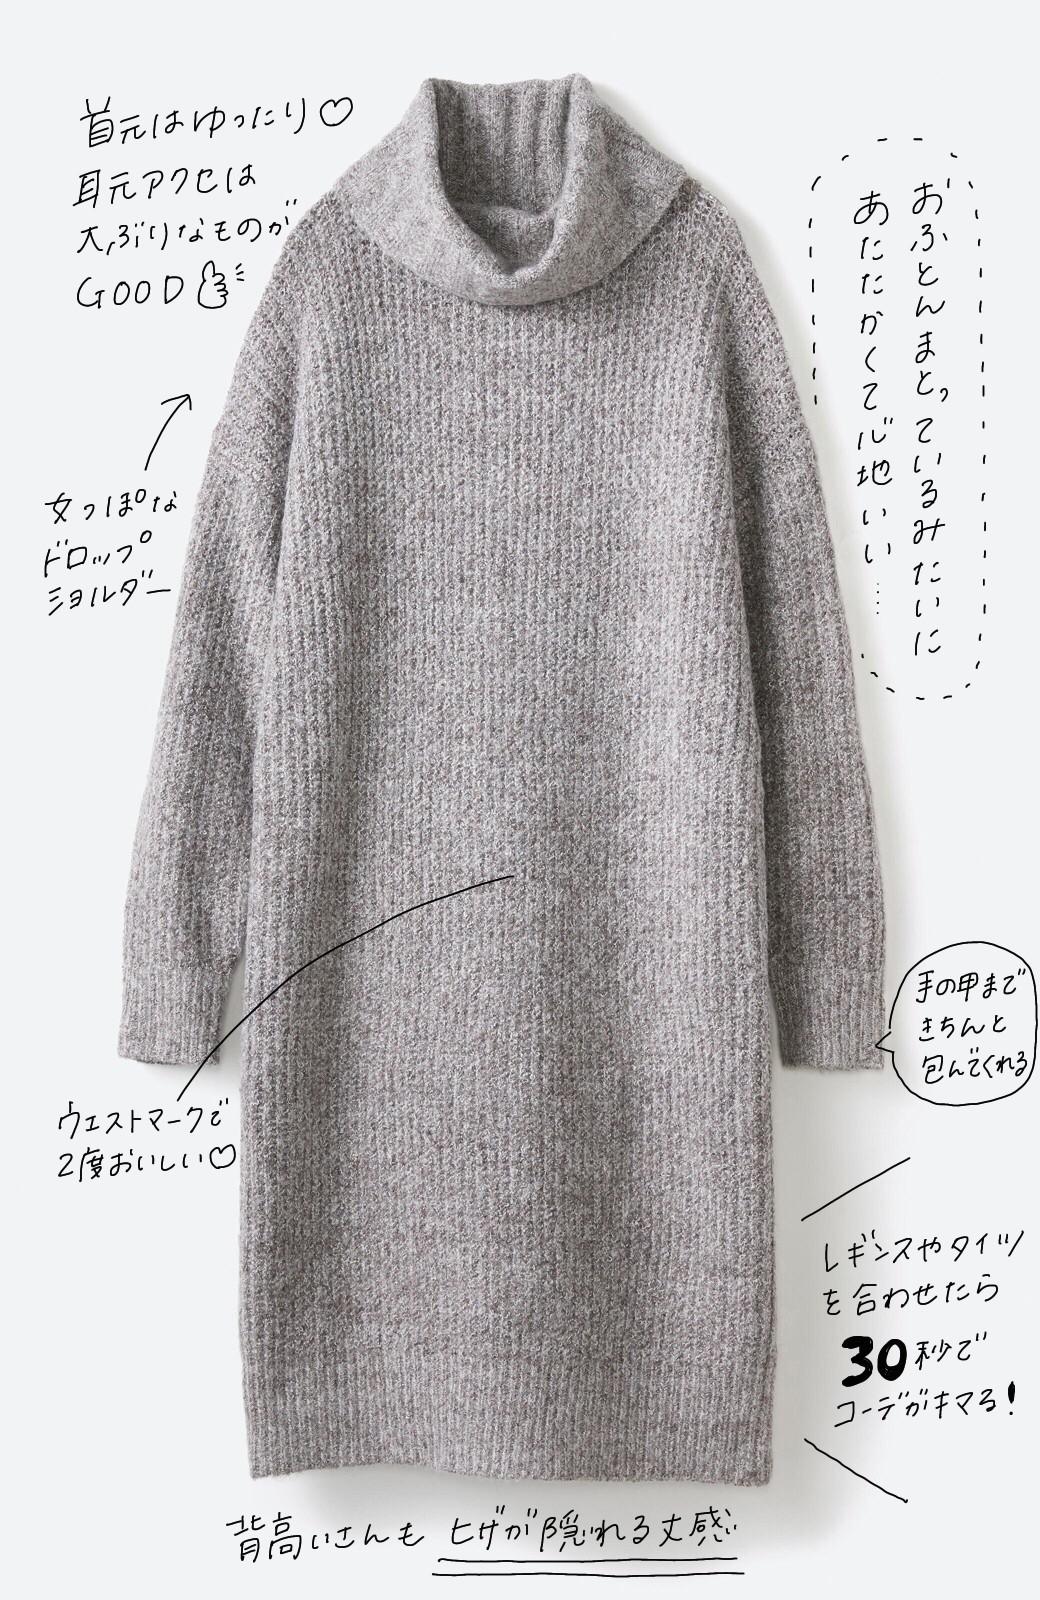 haco! 単品でも重ね着にも便利!ミックス糸がかわいいタートルニットワンピース <ブラウン系その他>の商品写真2